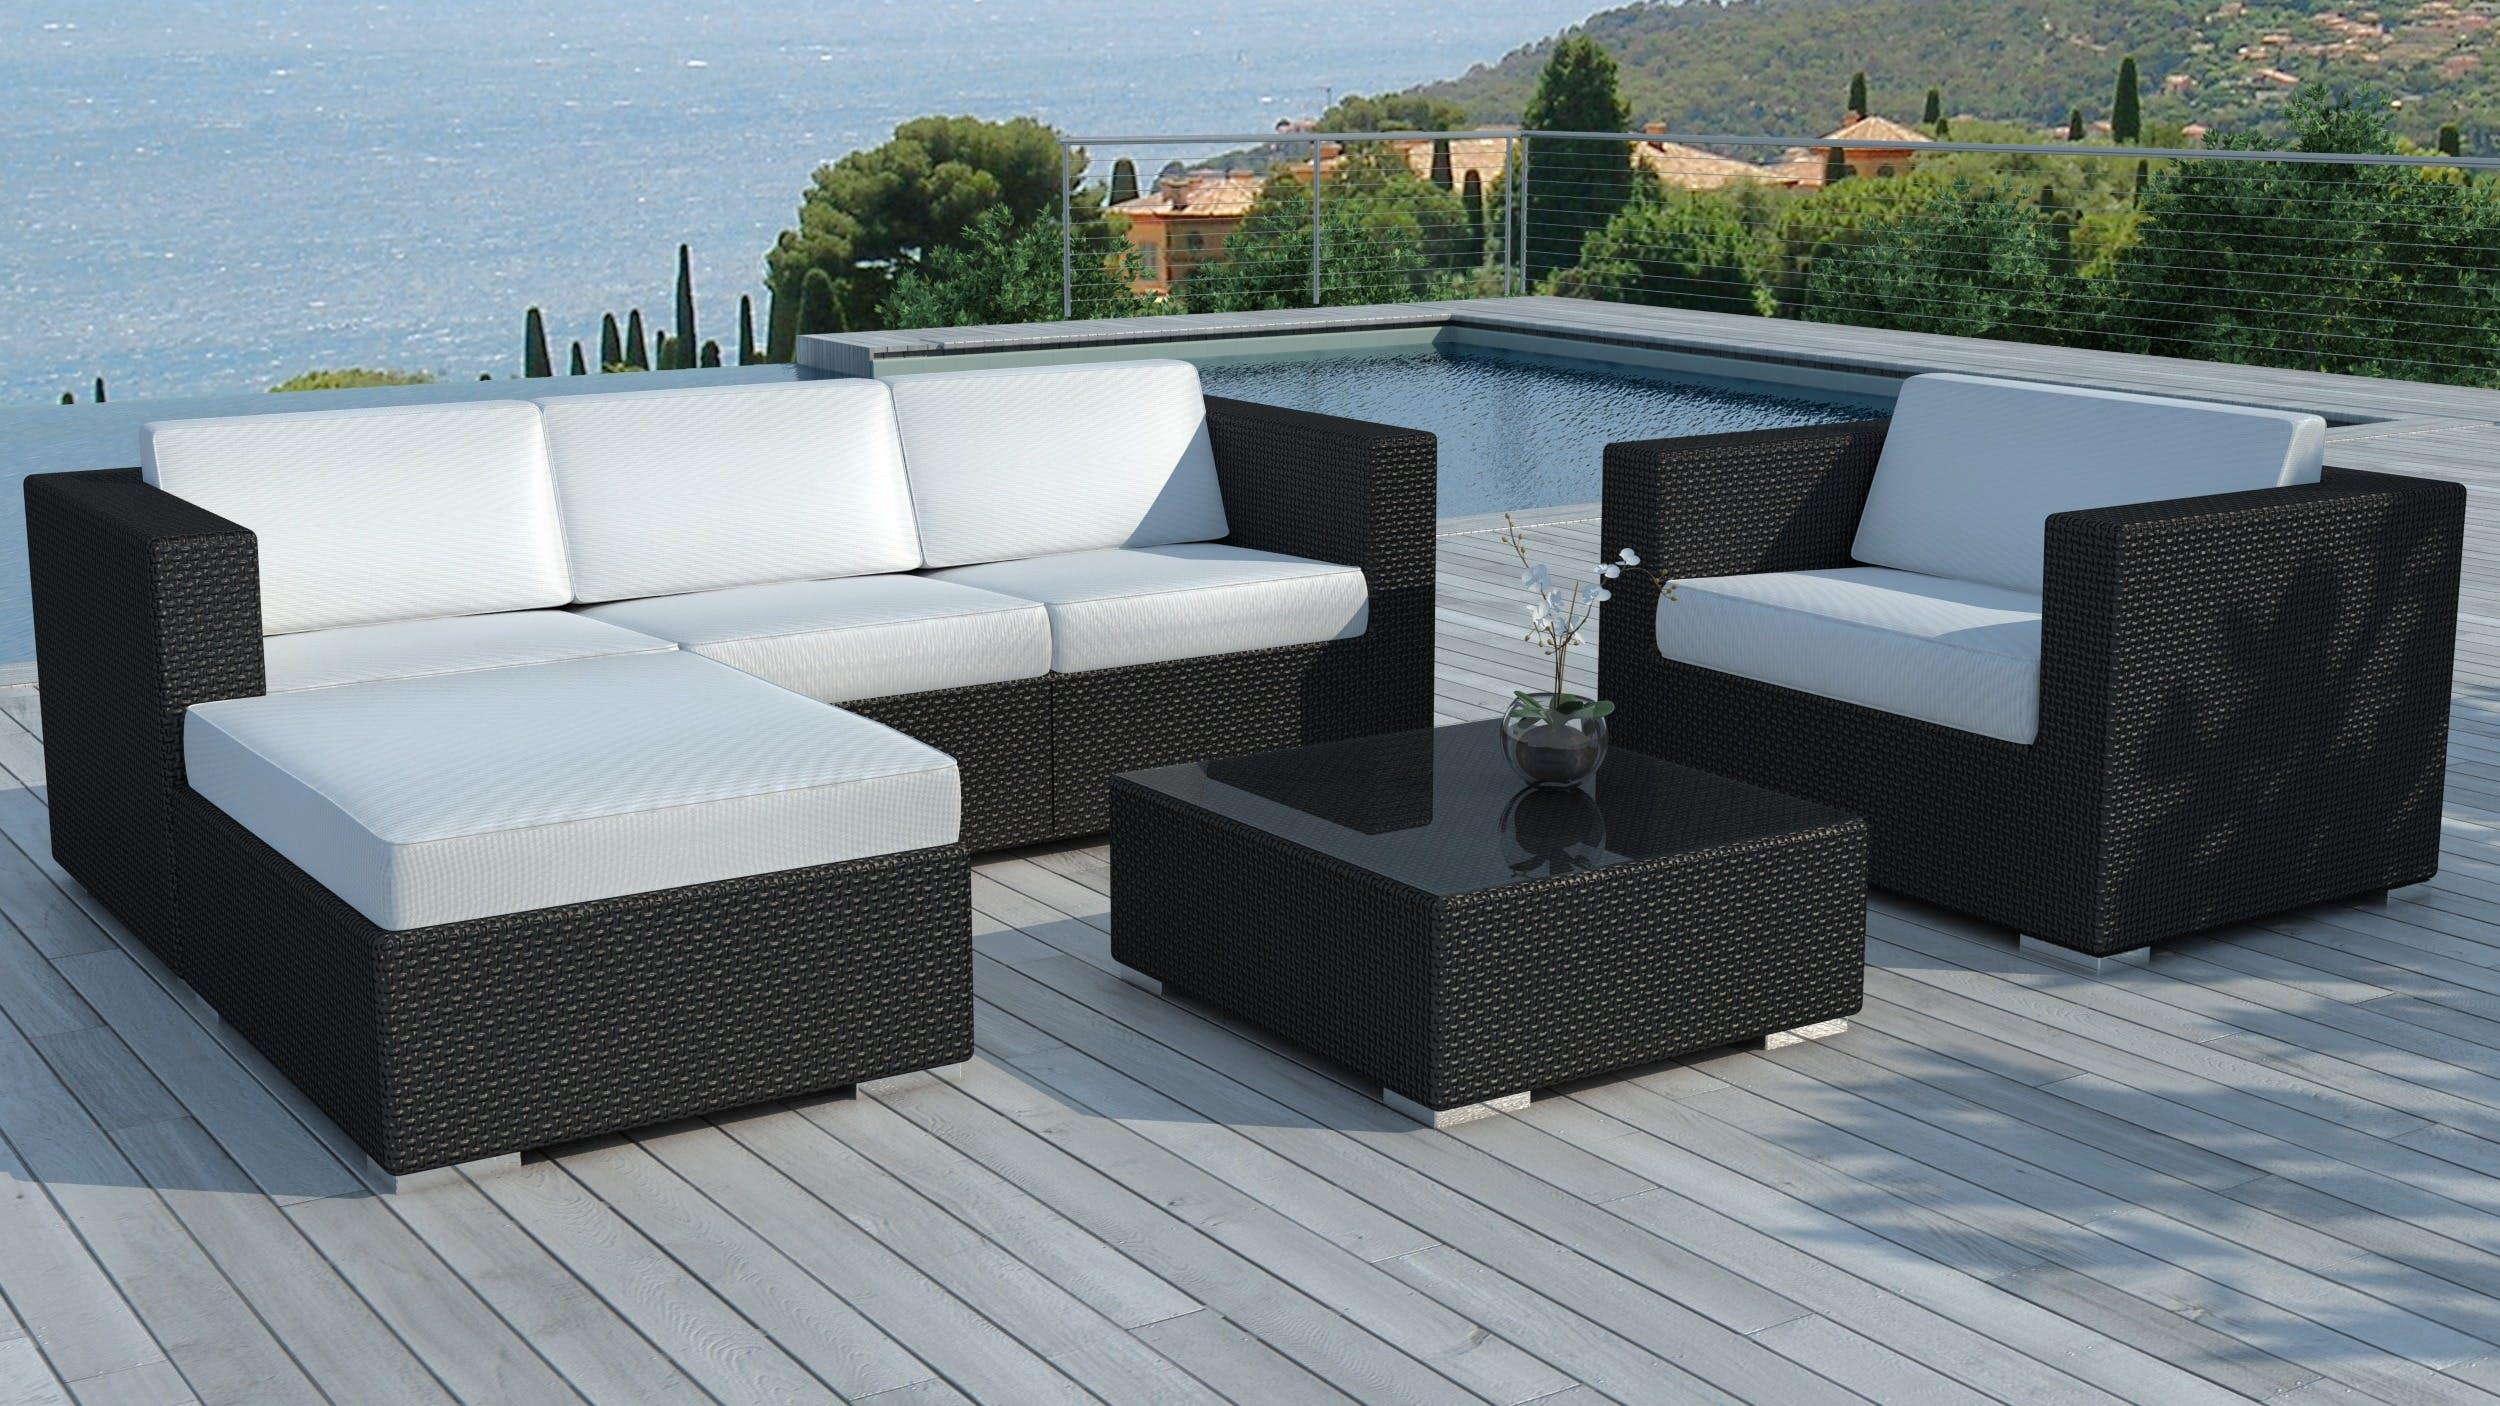 Meubles extérieur, mobilier de jardin | Pier Import